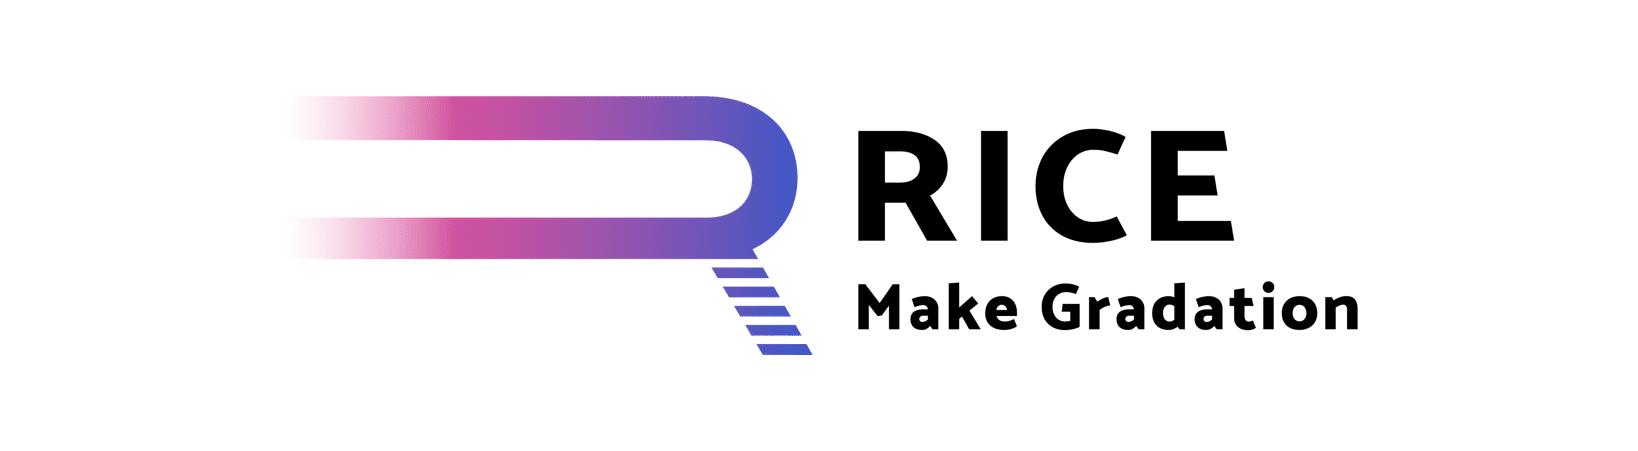 RICE | 発信で社会を変える社会派インフルエンサーコミュニティ